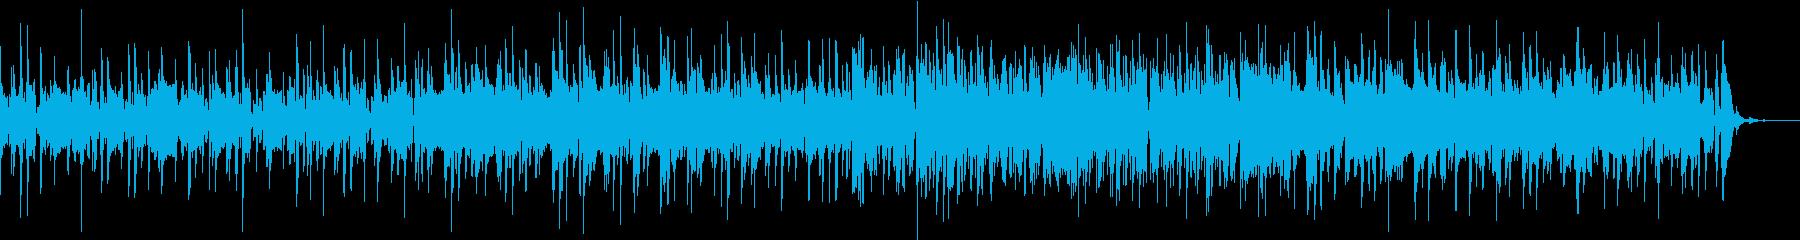 ほのぼの雰囲気の補給系ポップスの再生済みの波形